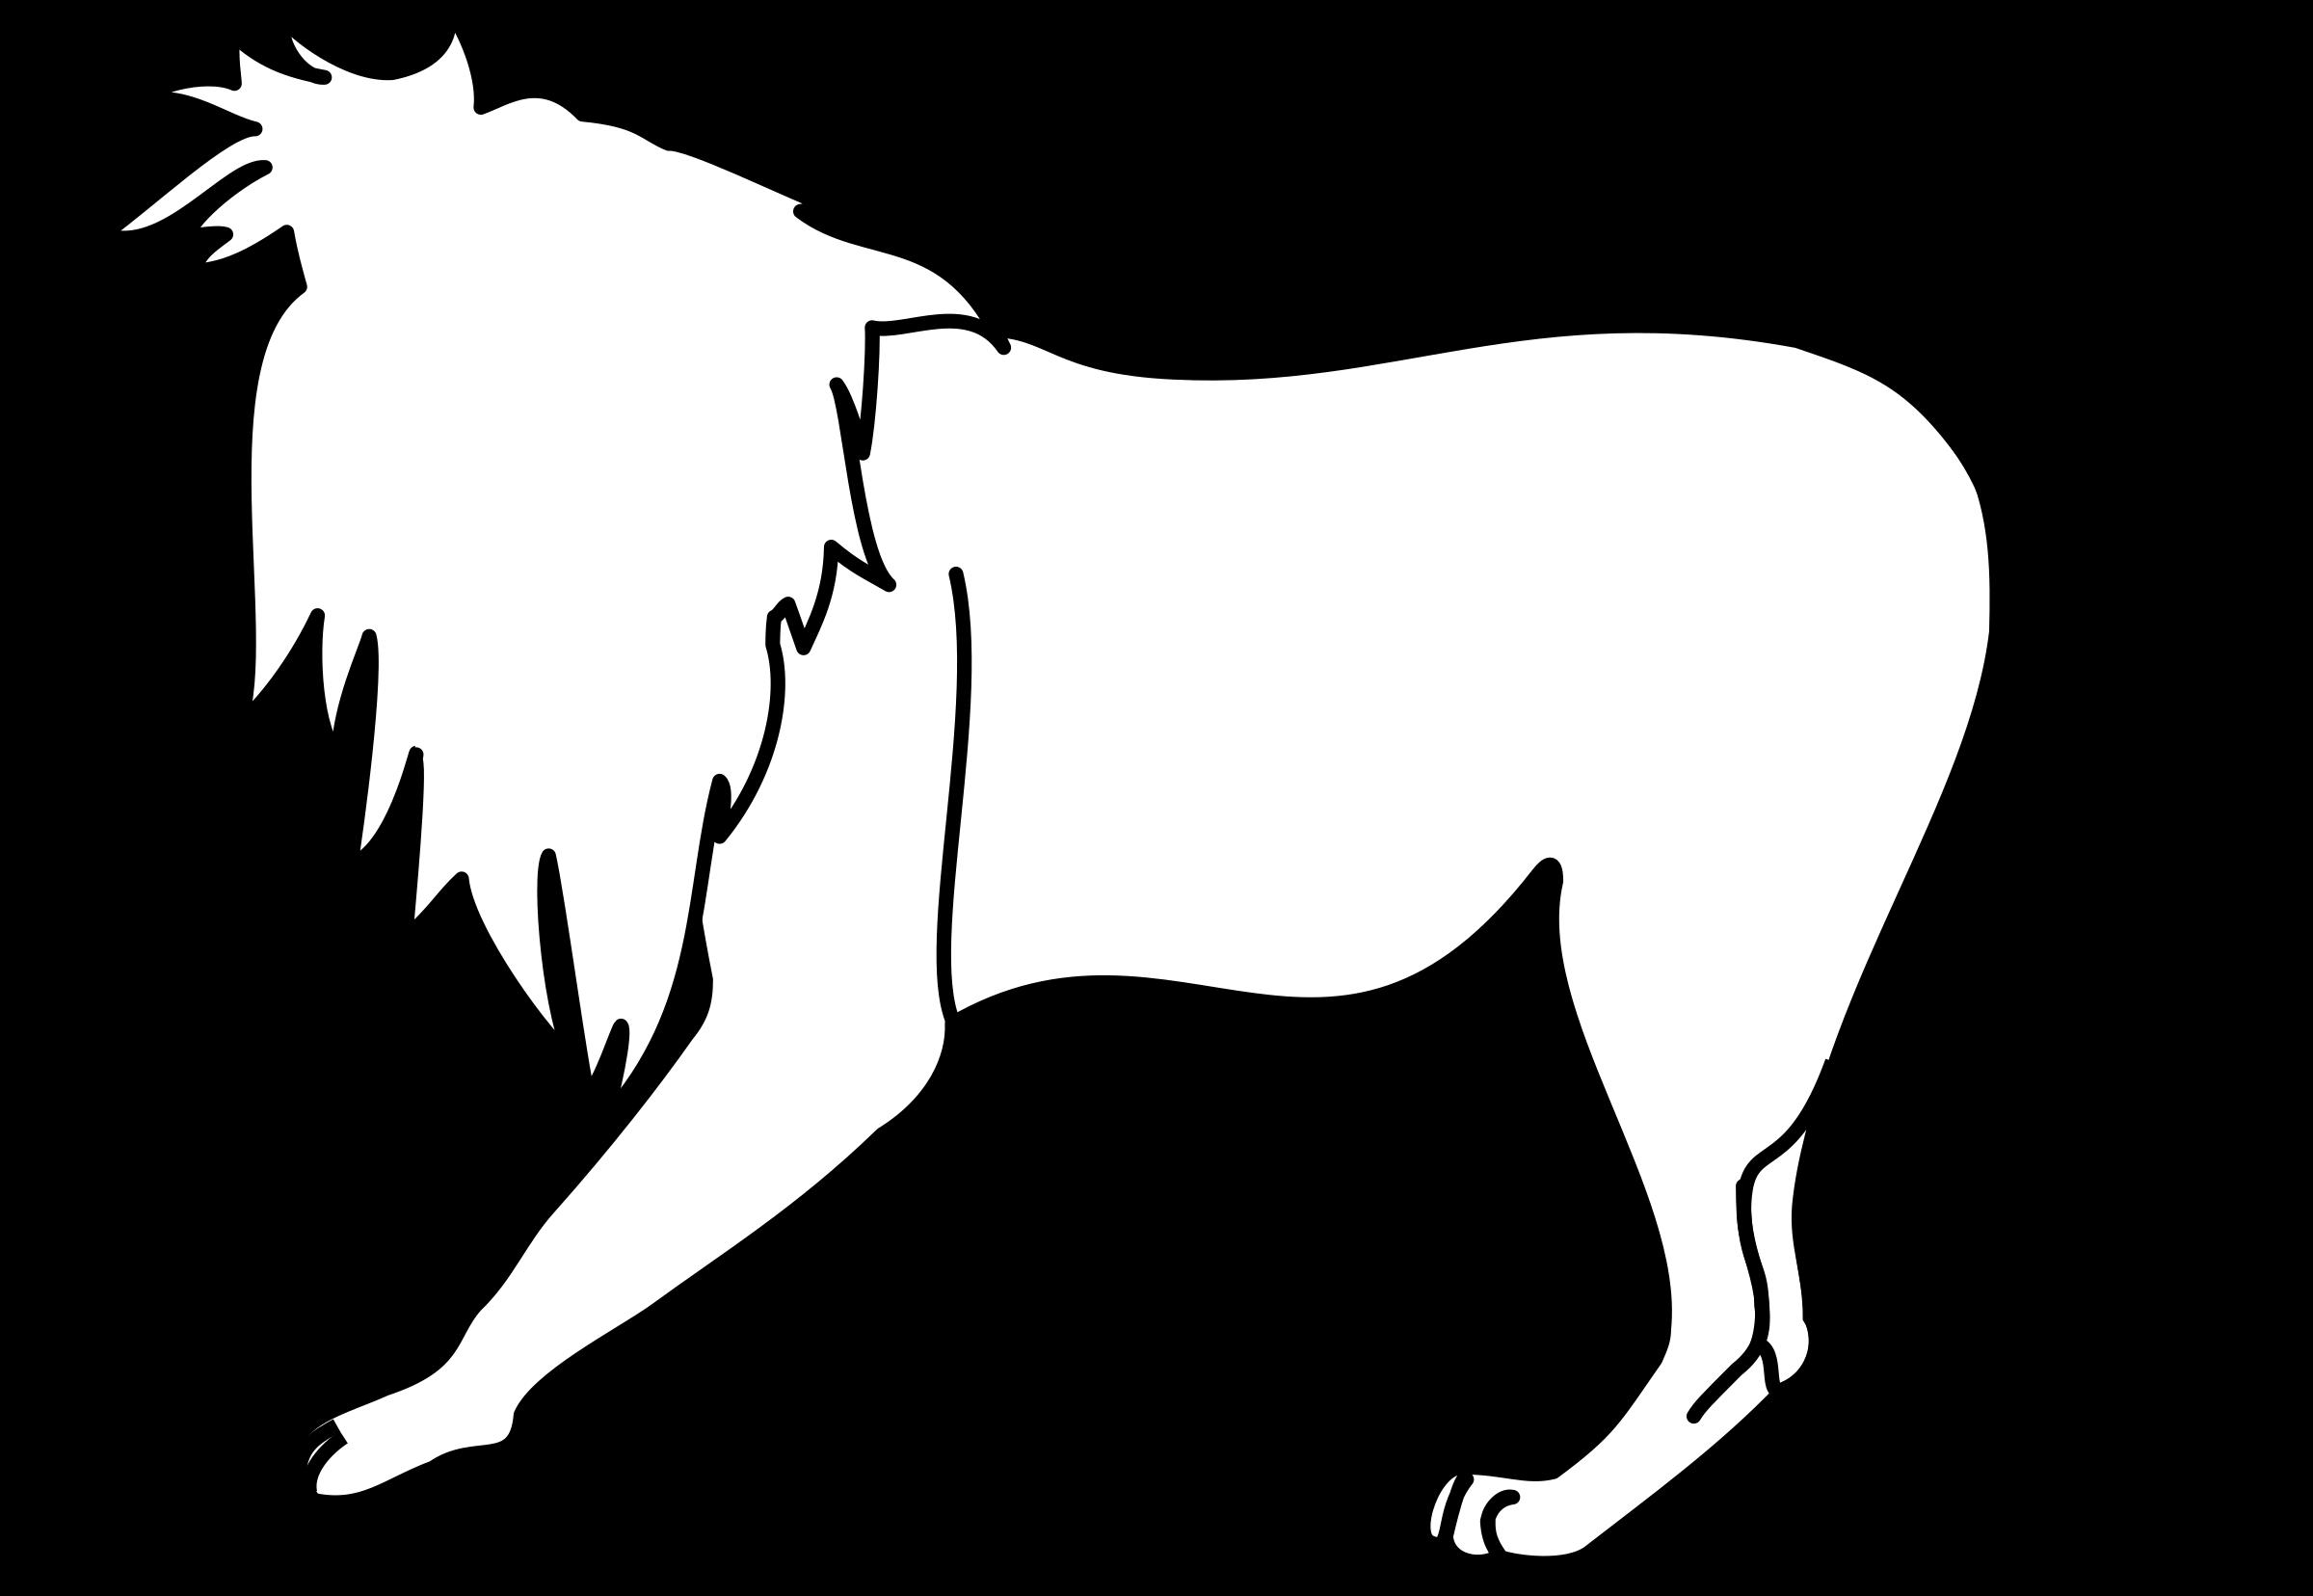 Line Art Of Lion : Clipart lion line art